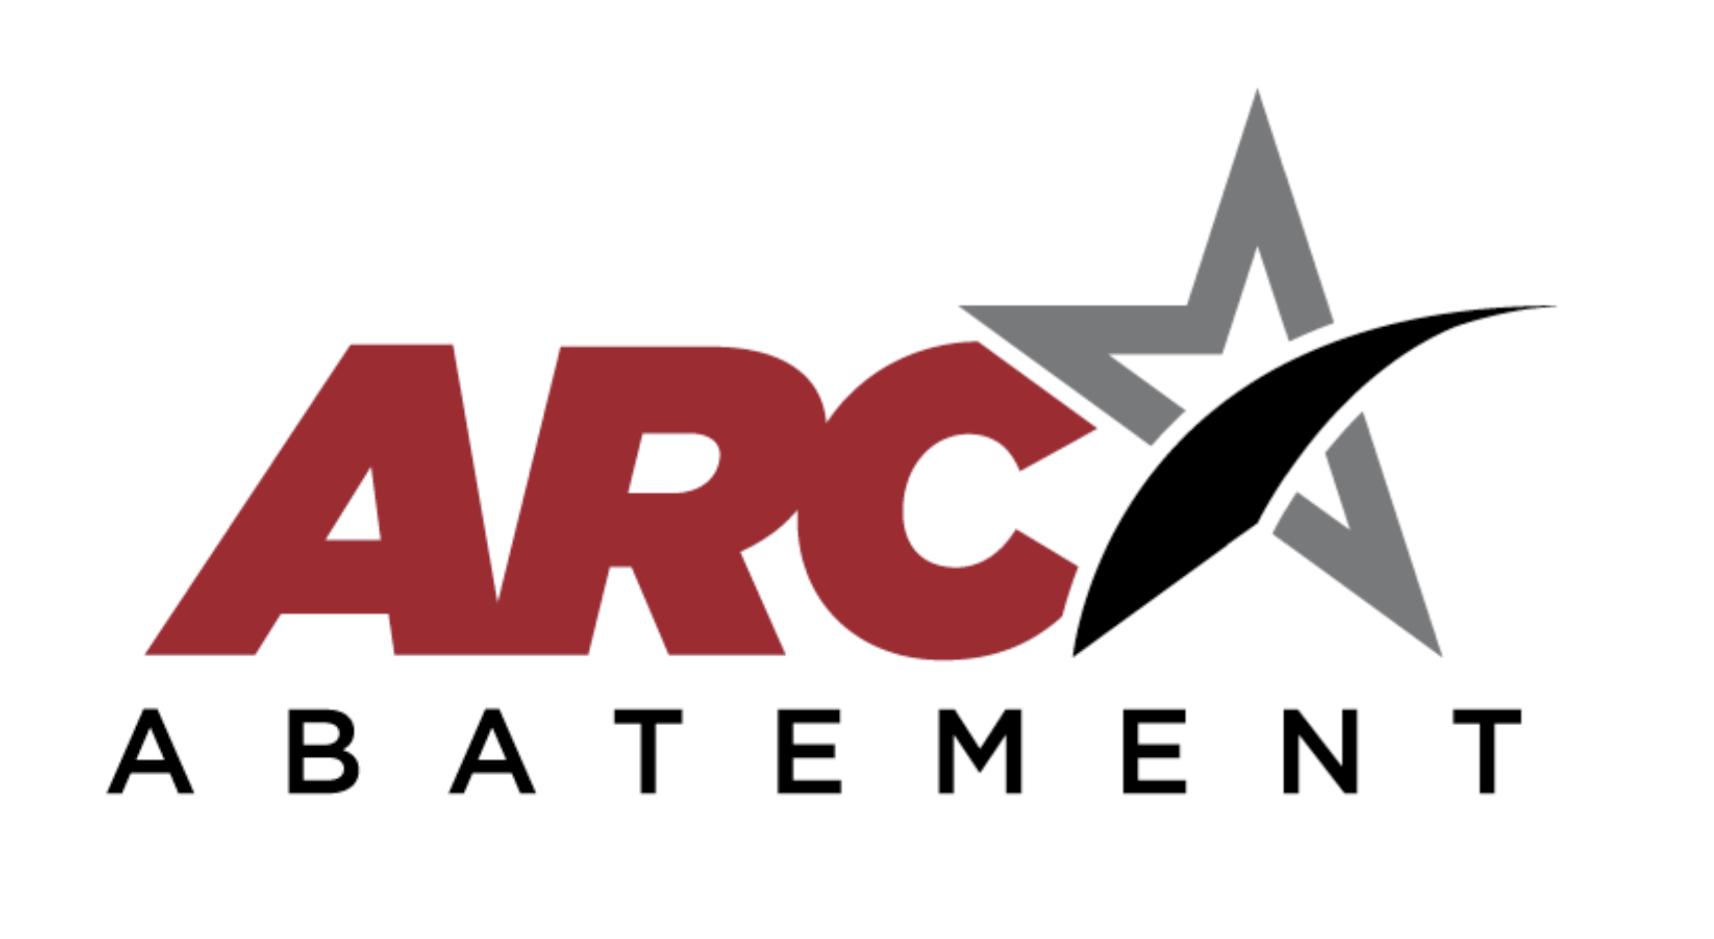 Waco Marketing Services